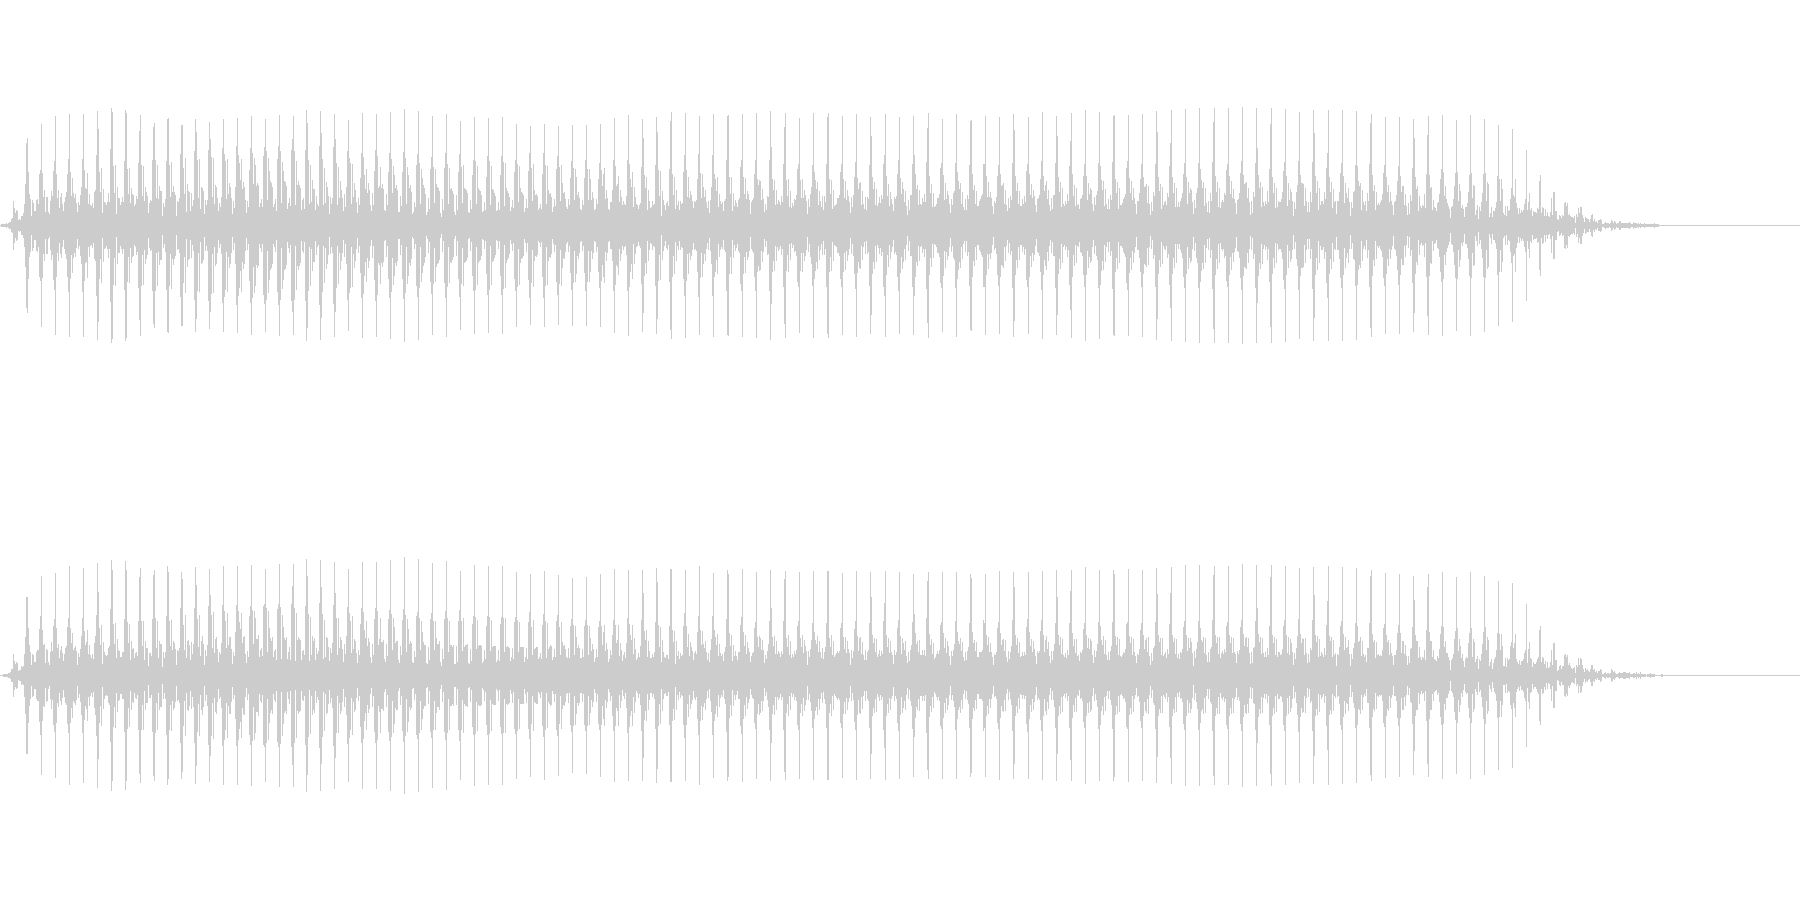 【SE 効果音】効果音その6の未再生の波形